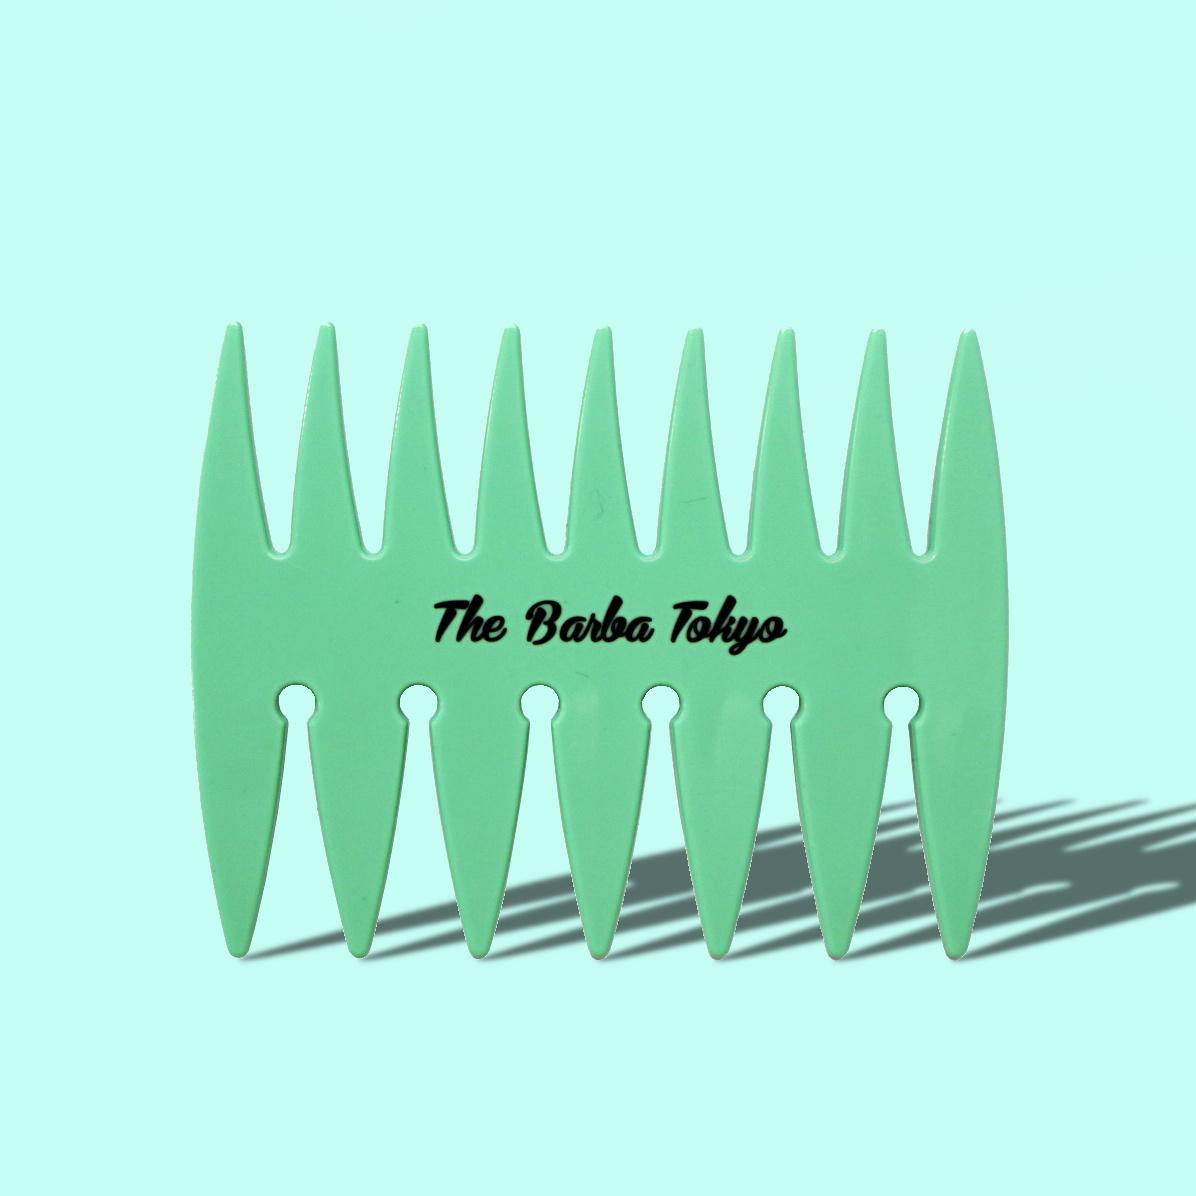 THE BARBA TOKYOオリジナルメッシュコーム ミント/BARBA(コーム)